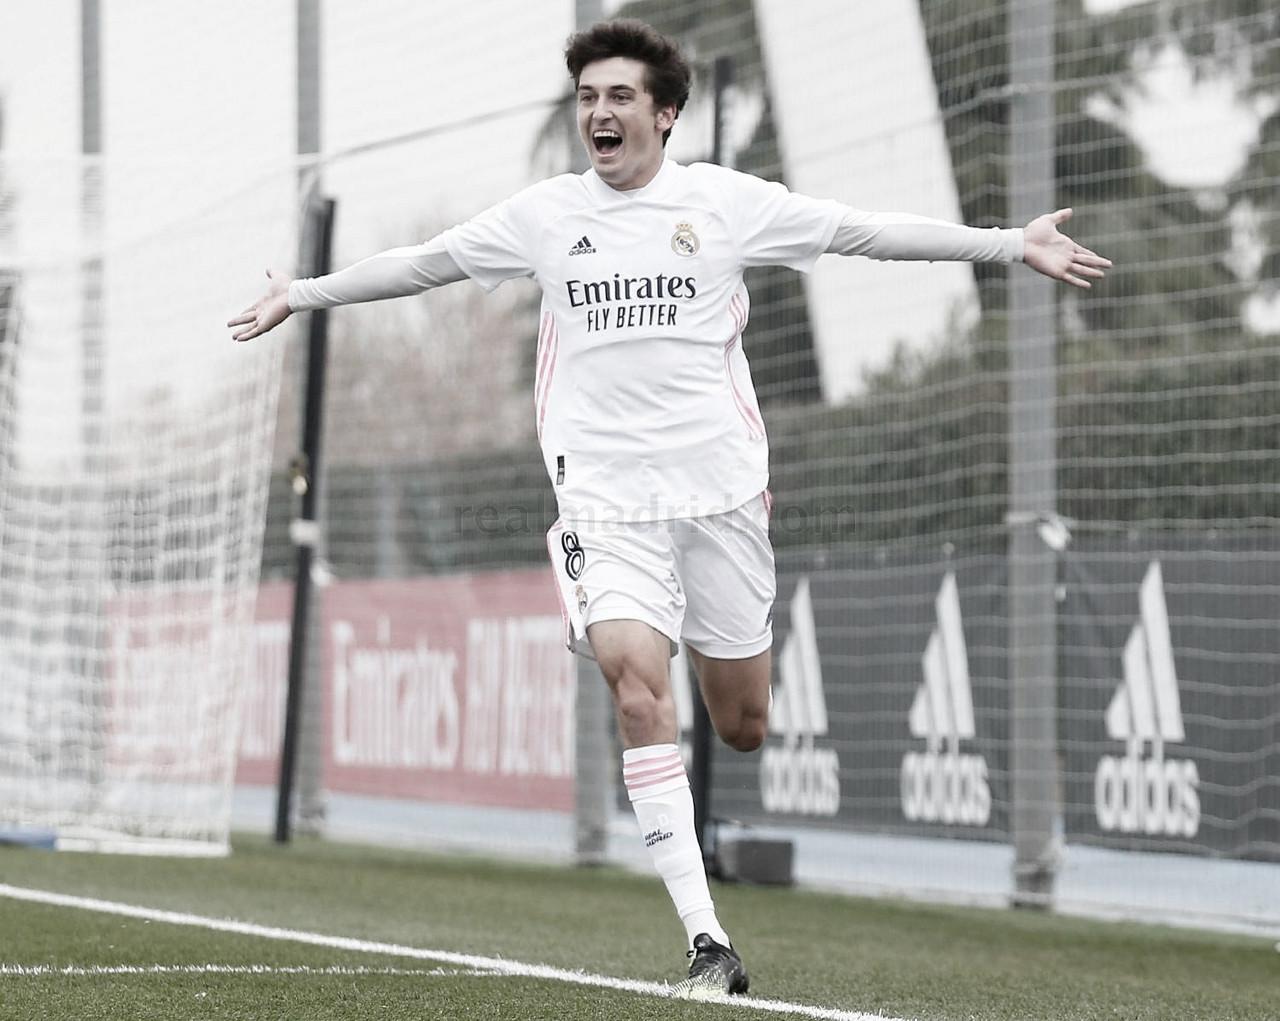 Carlos Dotor celebra su gol ante el CD Atlético Baleares | Fuente: www.realmadrid.com